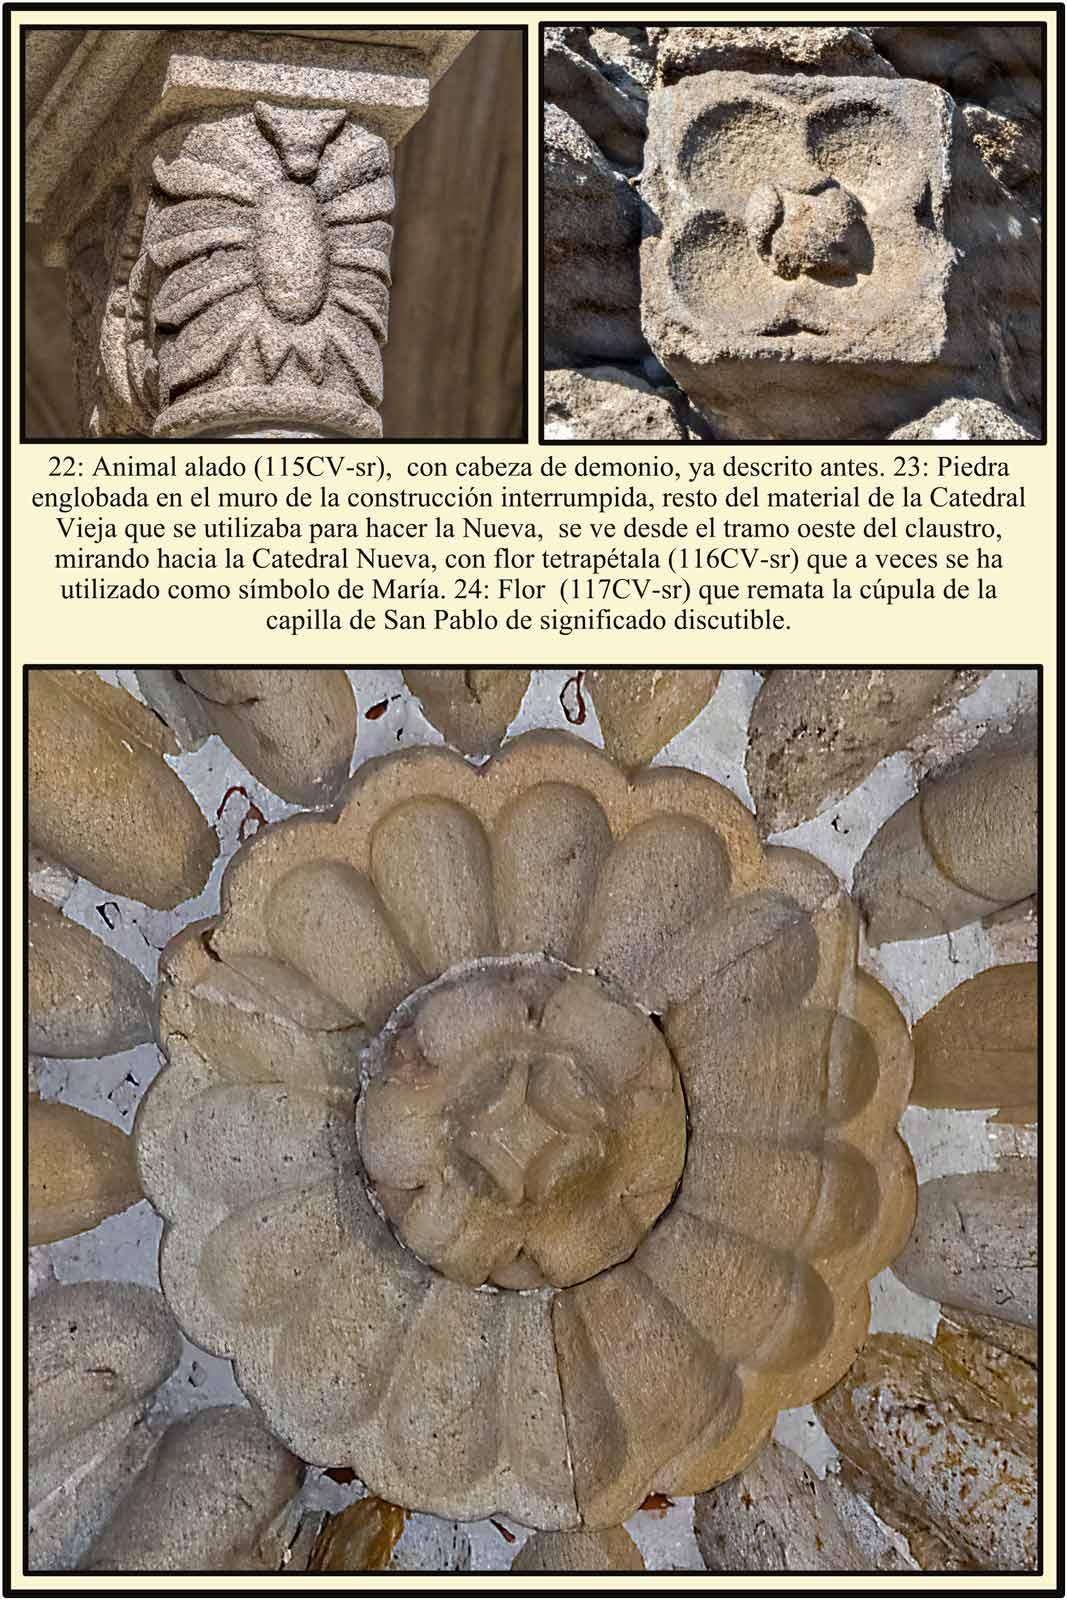 remate de la cupula en la capilla de San Pablo o sala capitular